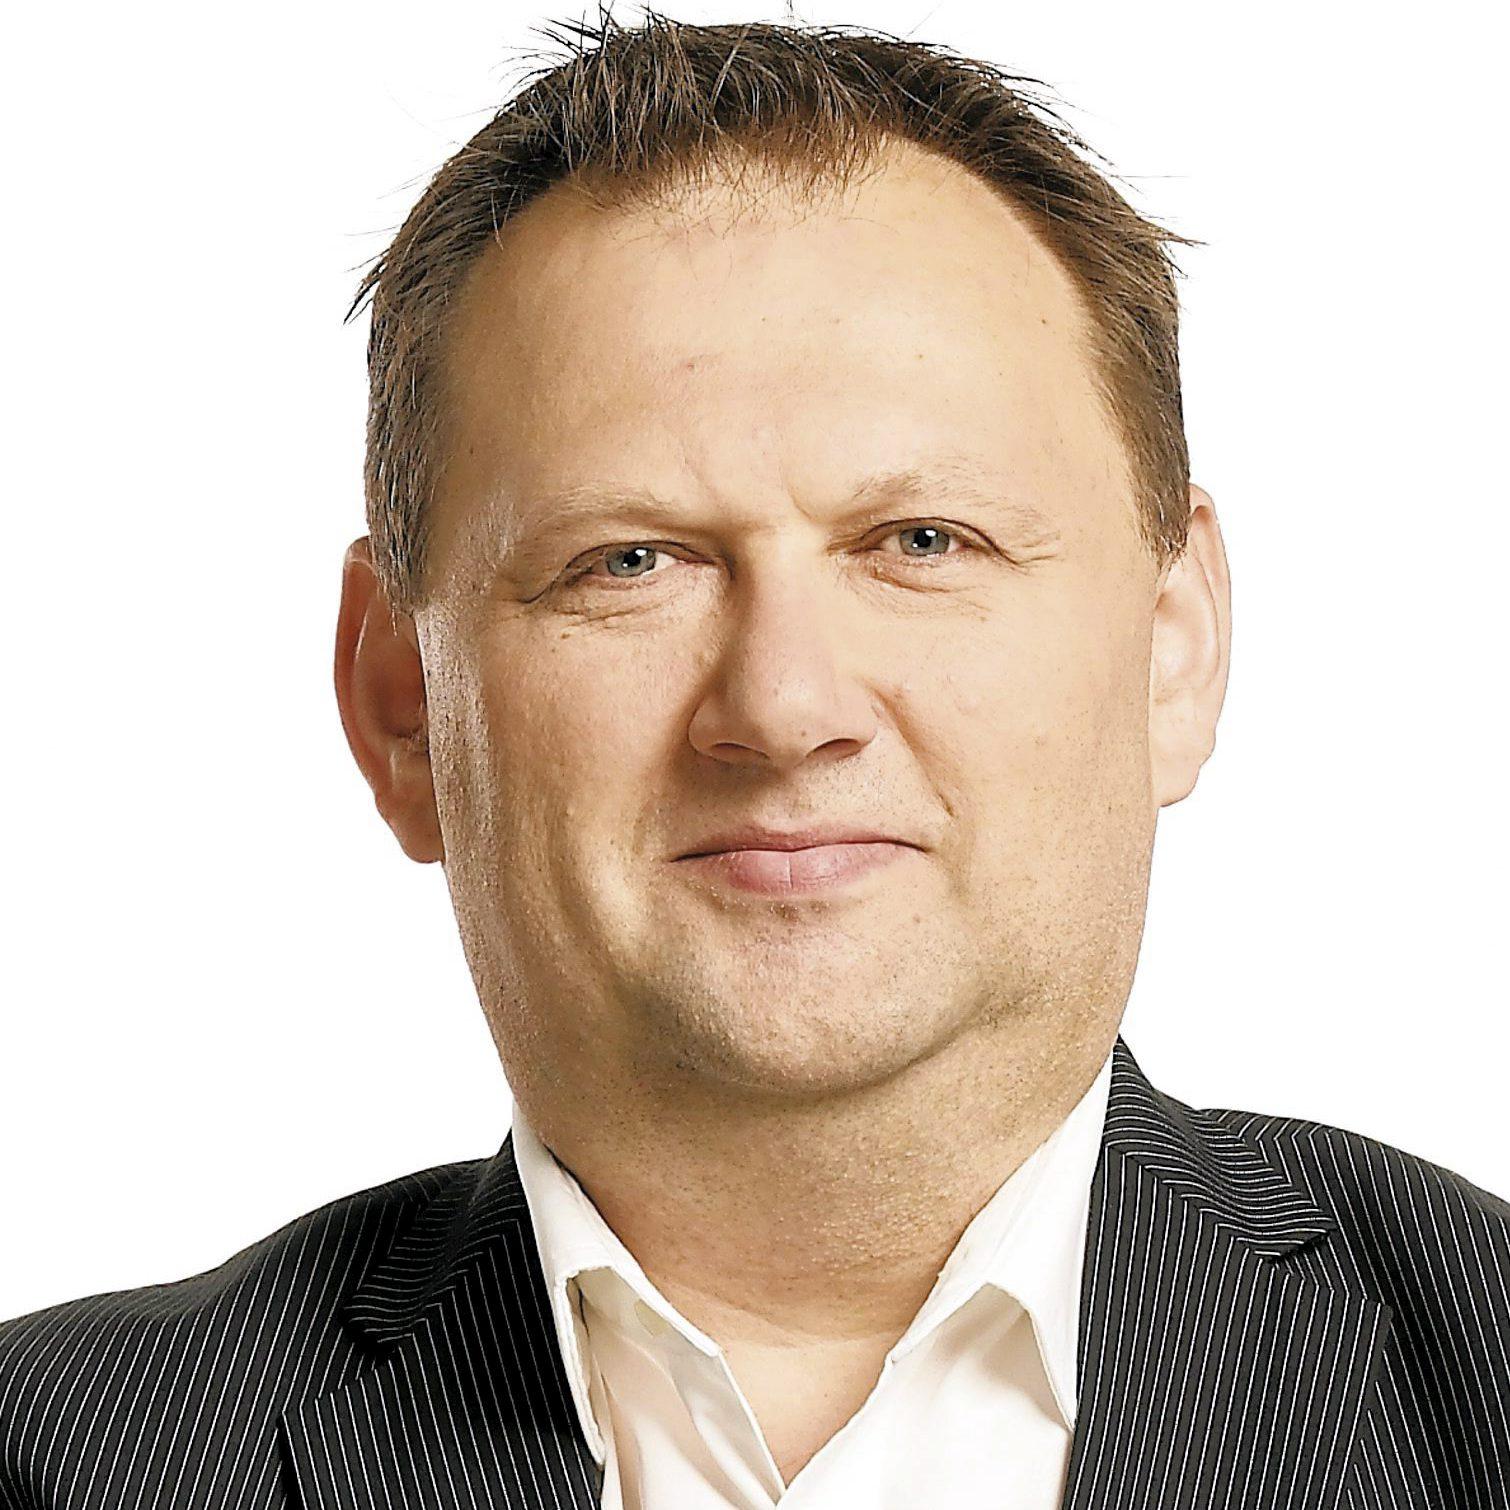 Cztery pytania do Adama Fijałkowskiego, Grupa Radiowa Agory